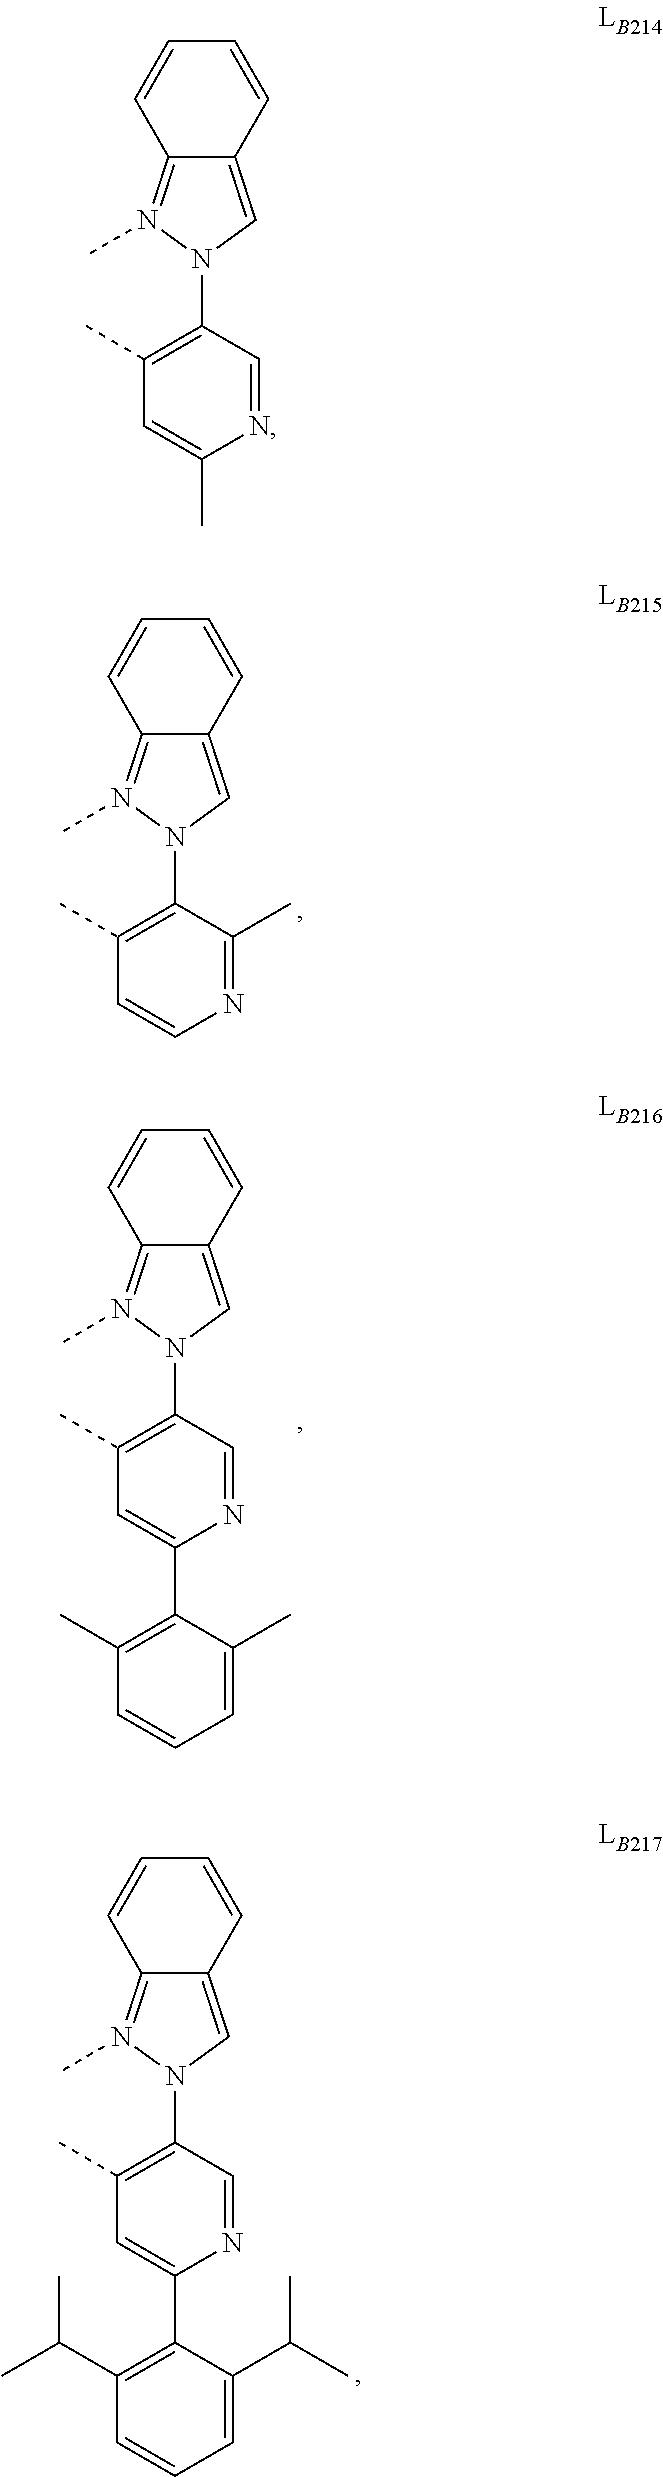 Figure US09905785-20180227-C00545